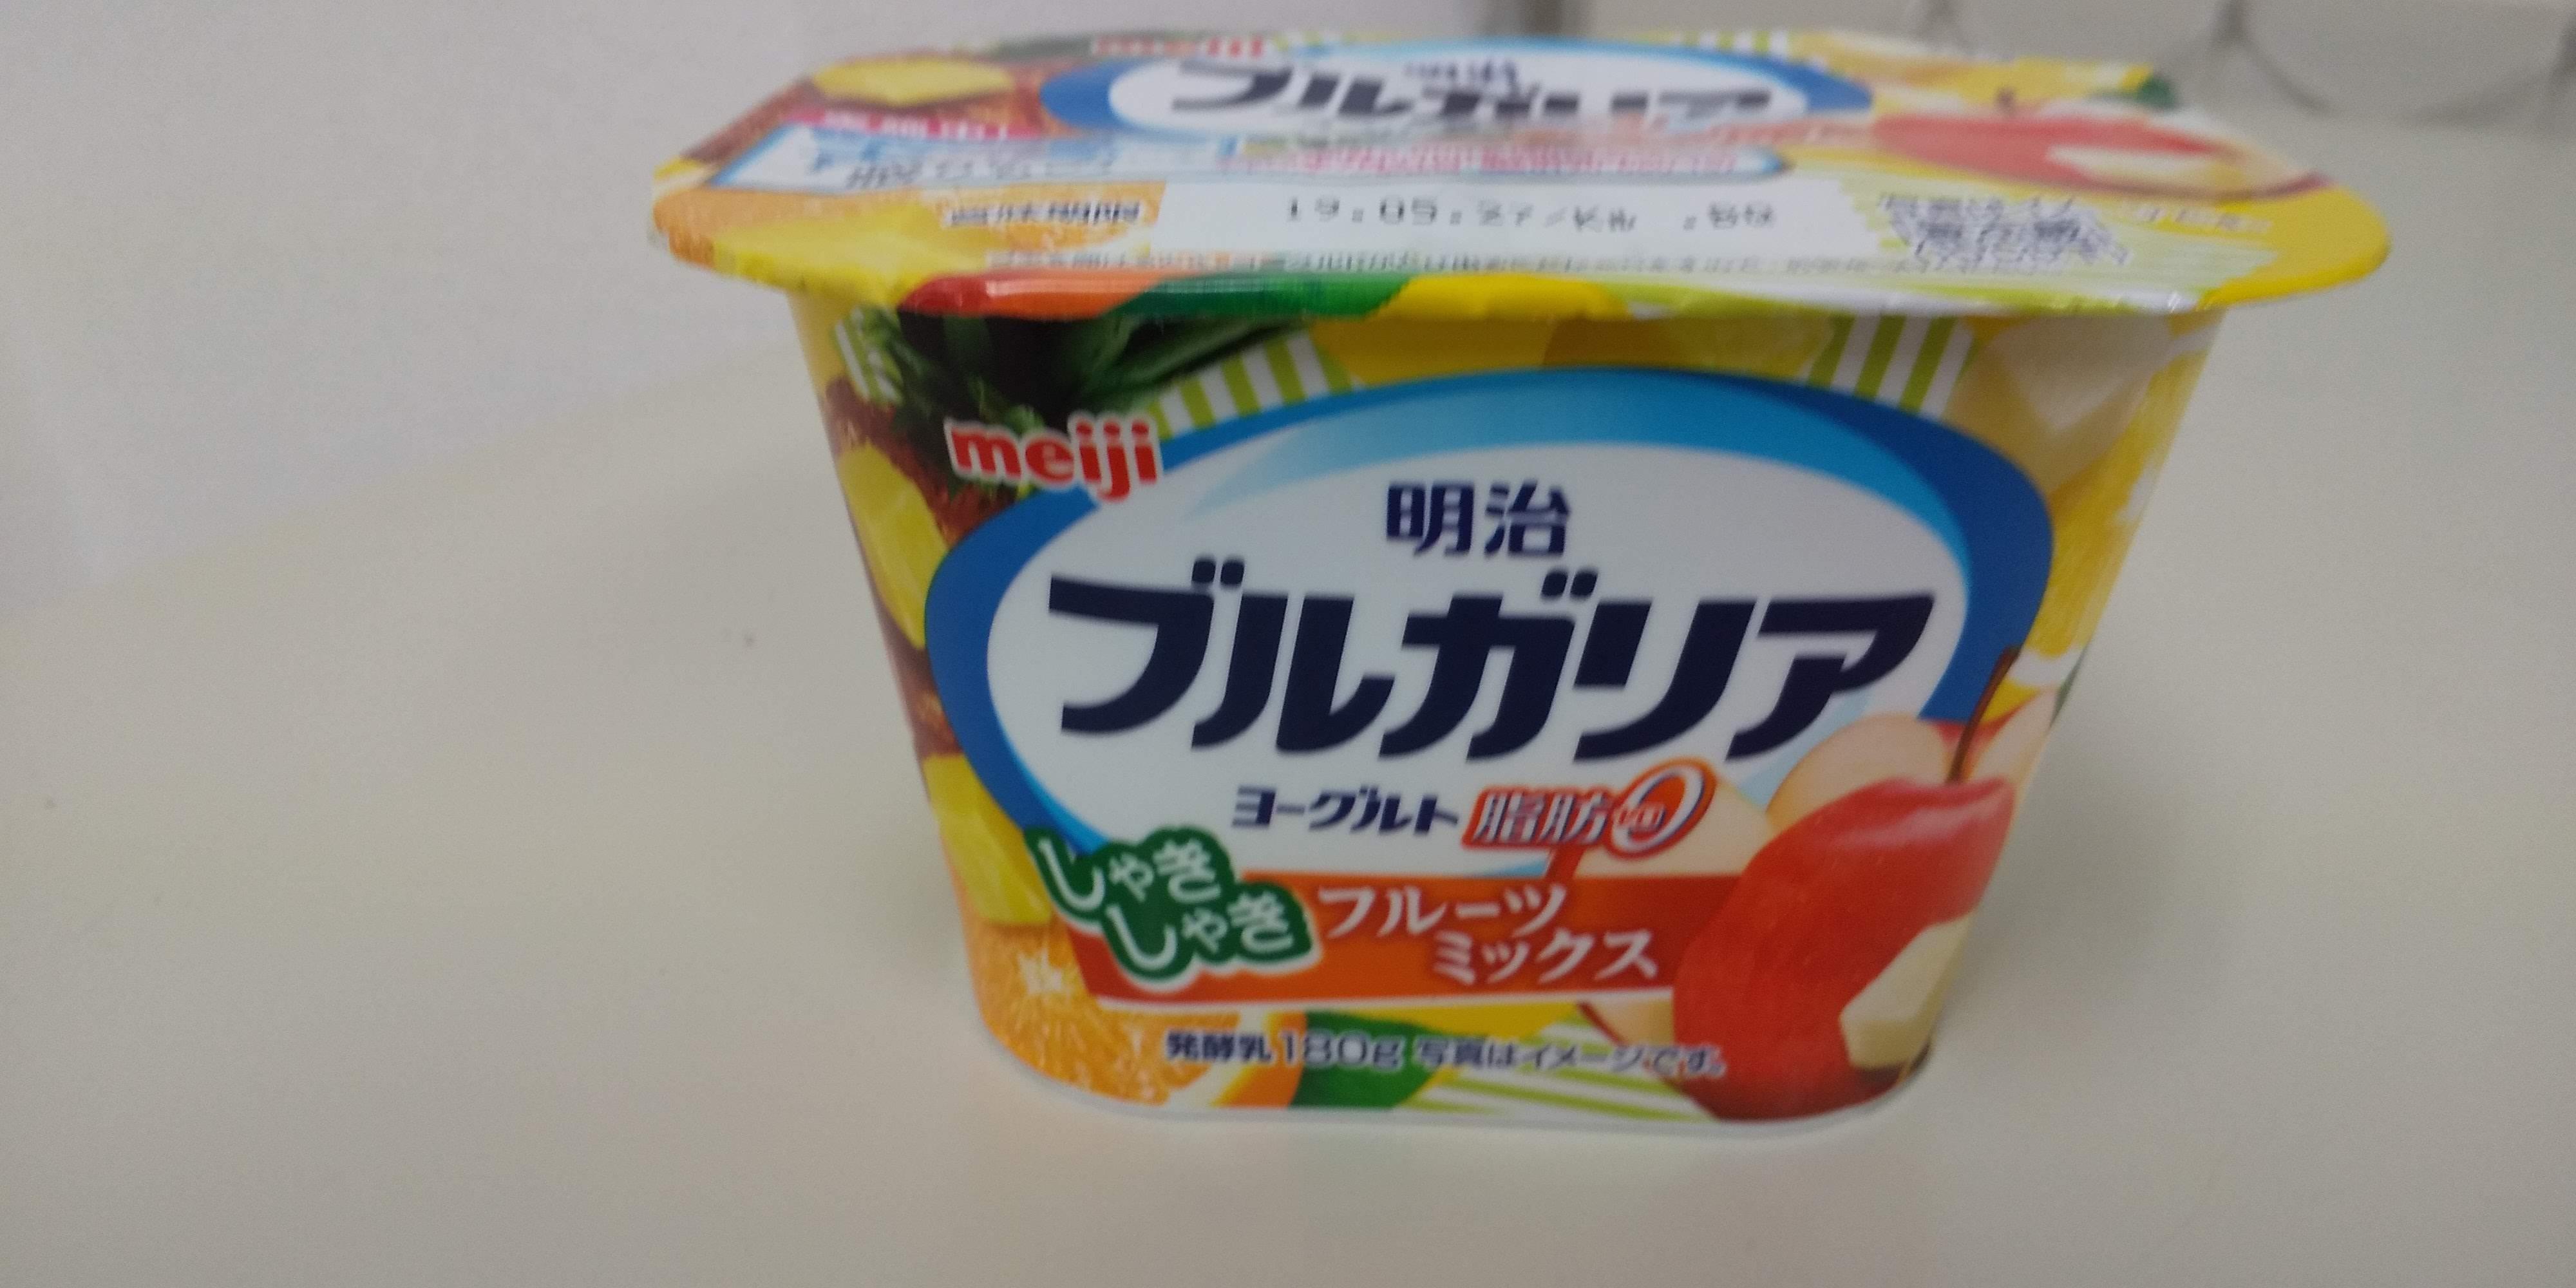 明治ブルガリアヨーグルト脂肪0「しゃきしゃきフルーツミックス180g」の画像